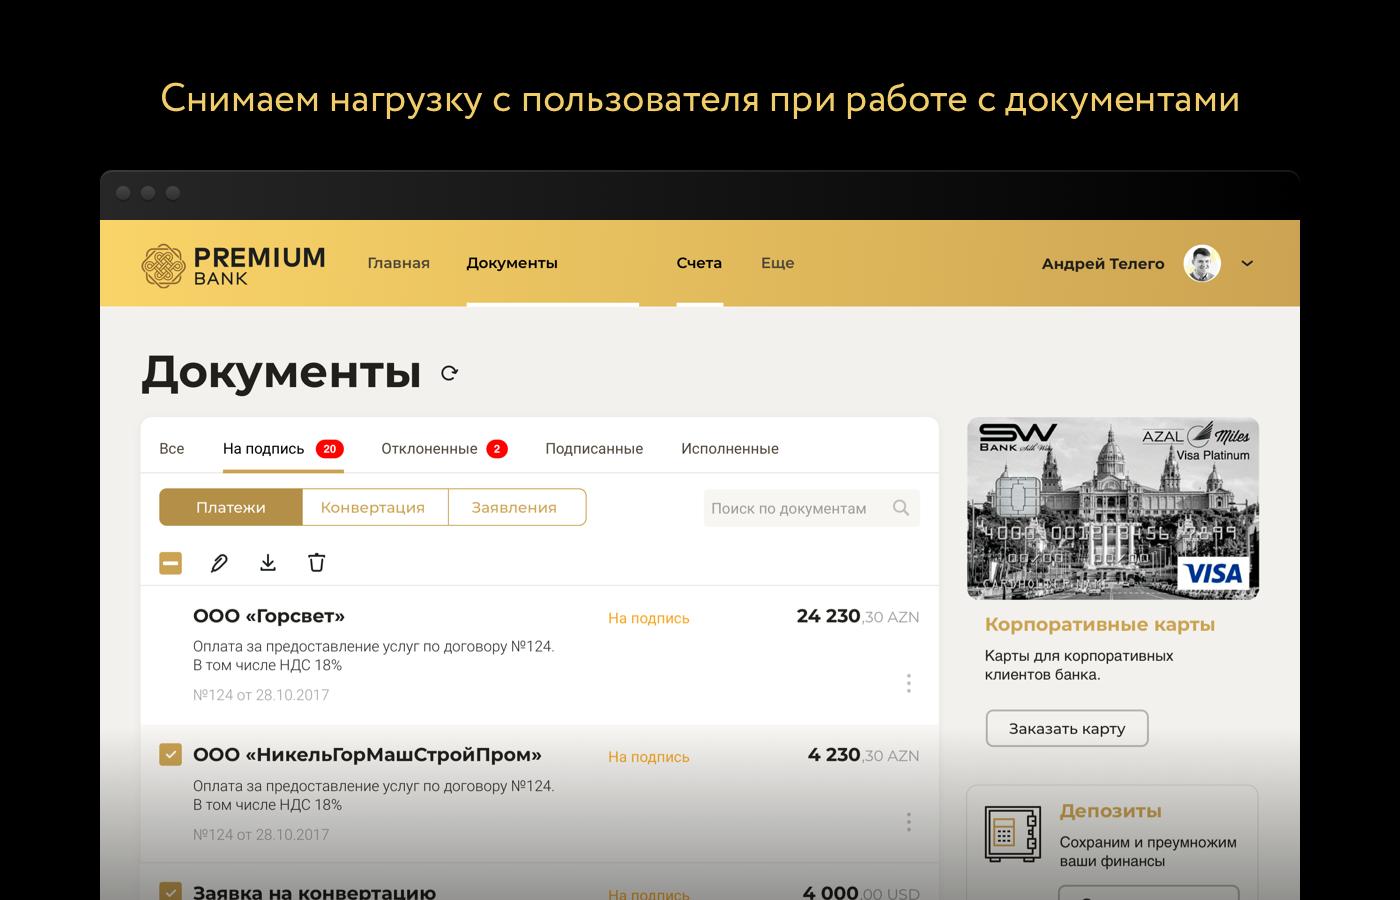 Интерфейс раздела платежи и переводы интернет-банка SilkWay Bank